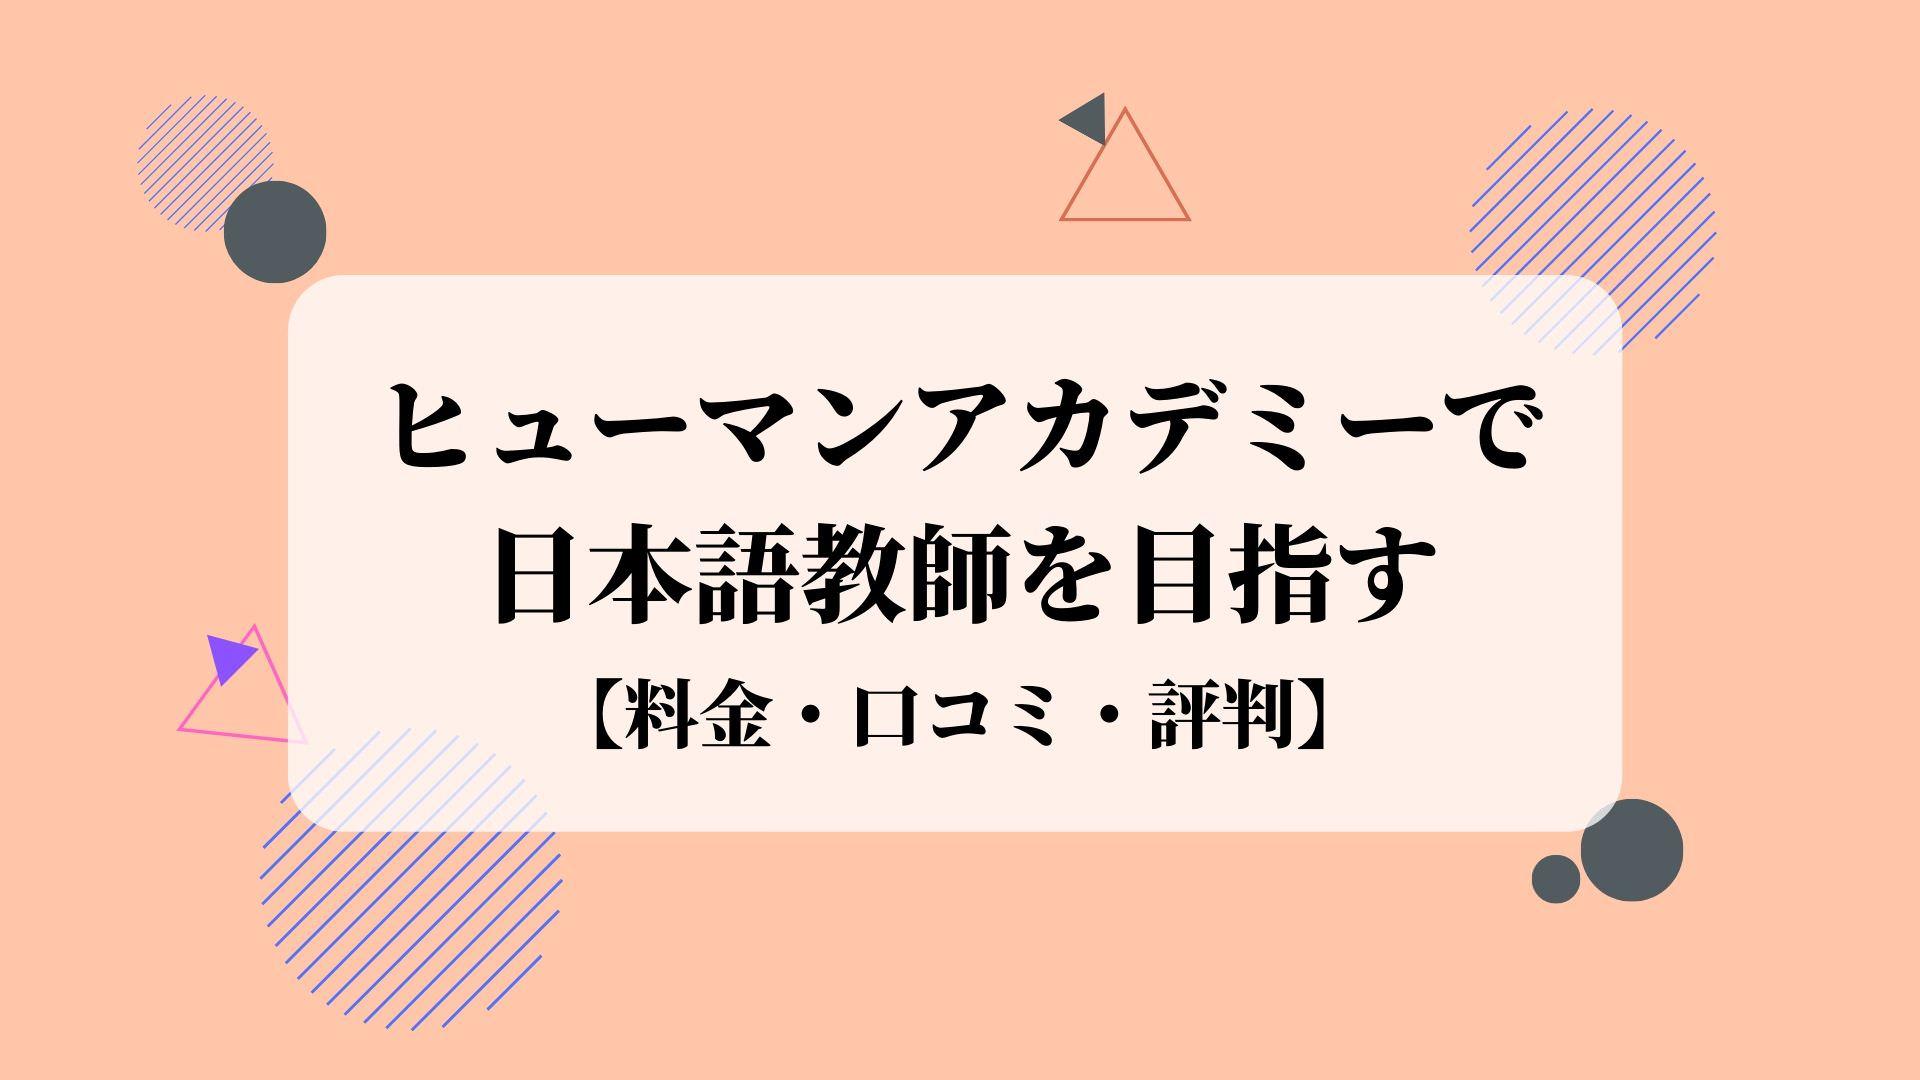 ヒューマンアカデミーで日本語教師を目指すと書かれている